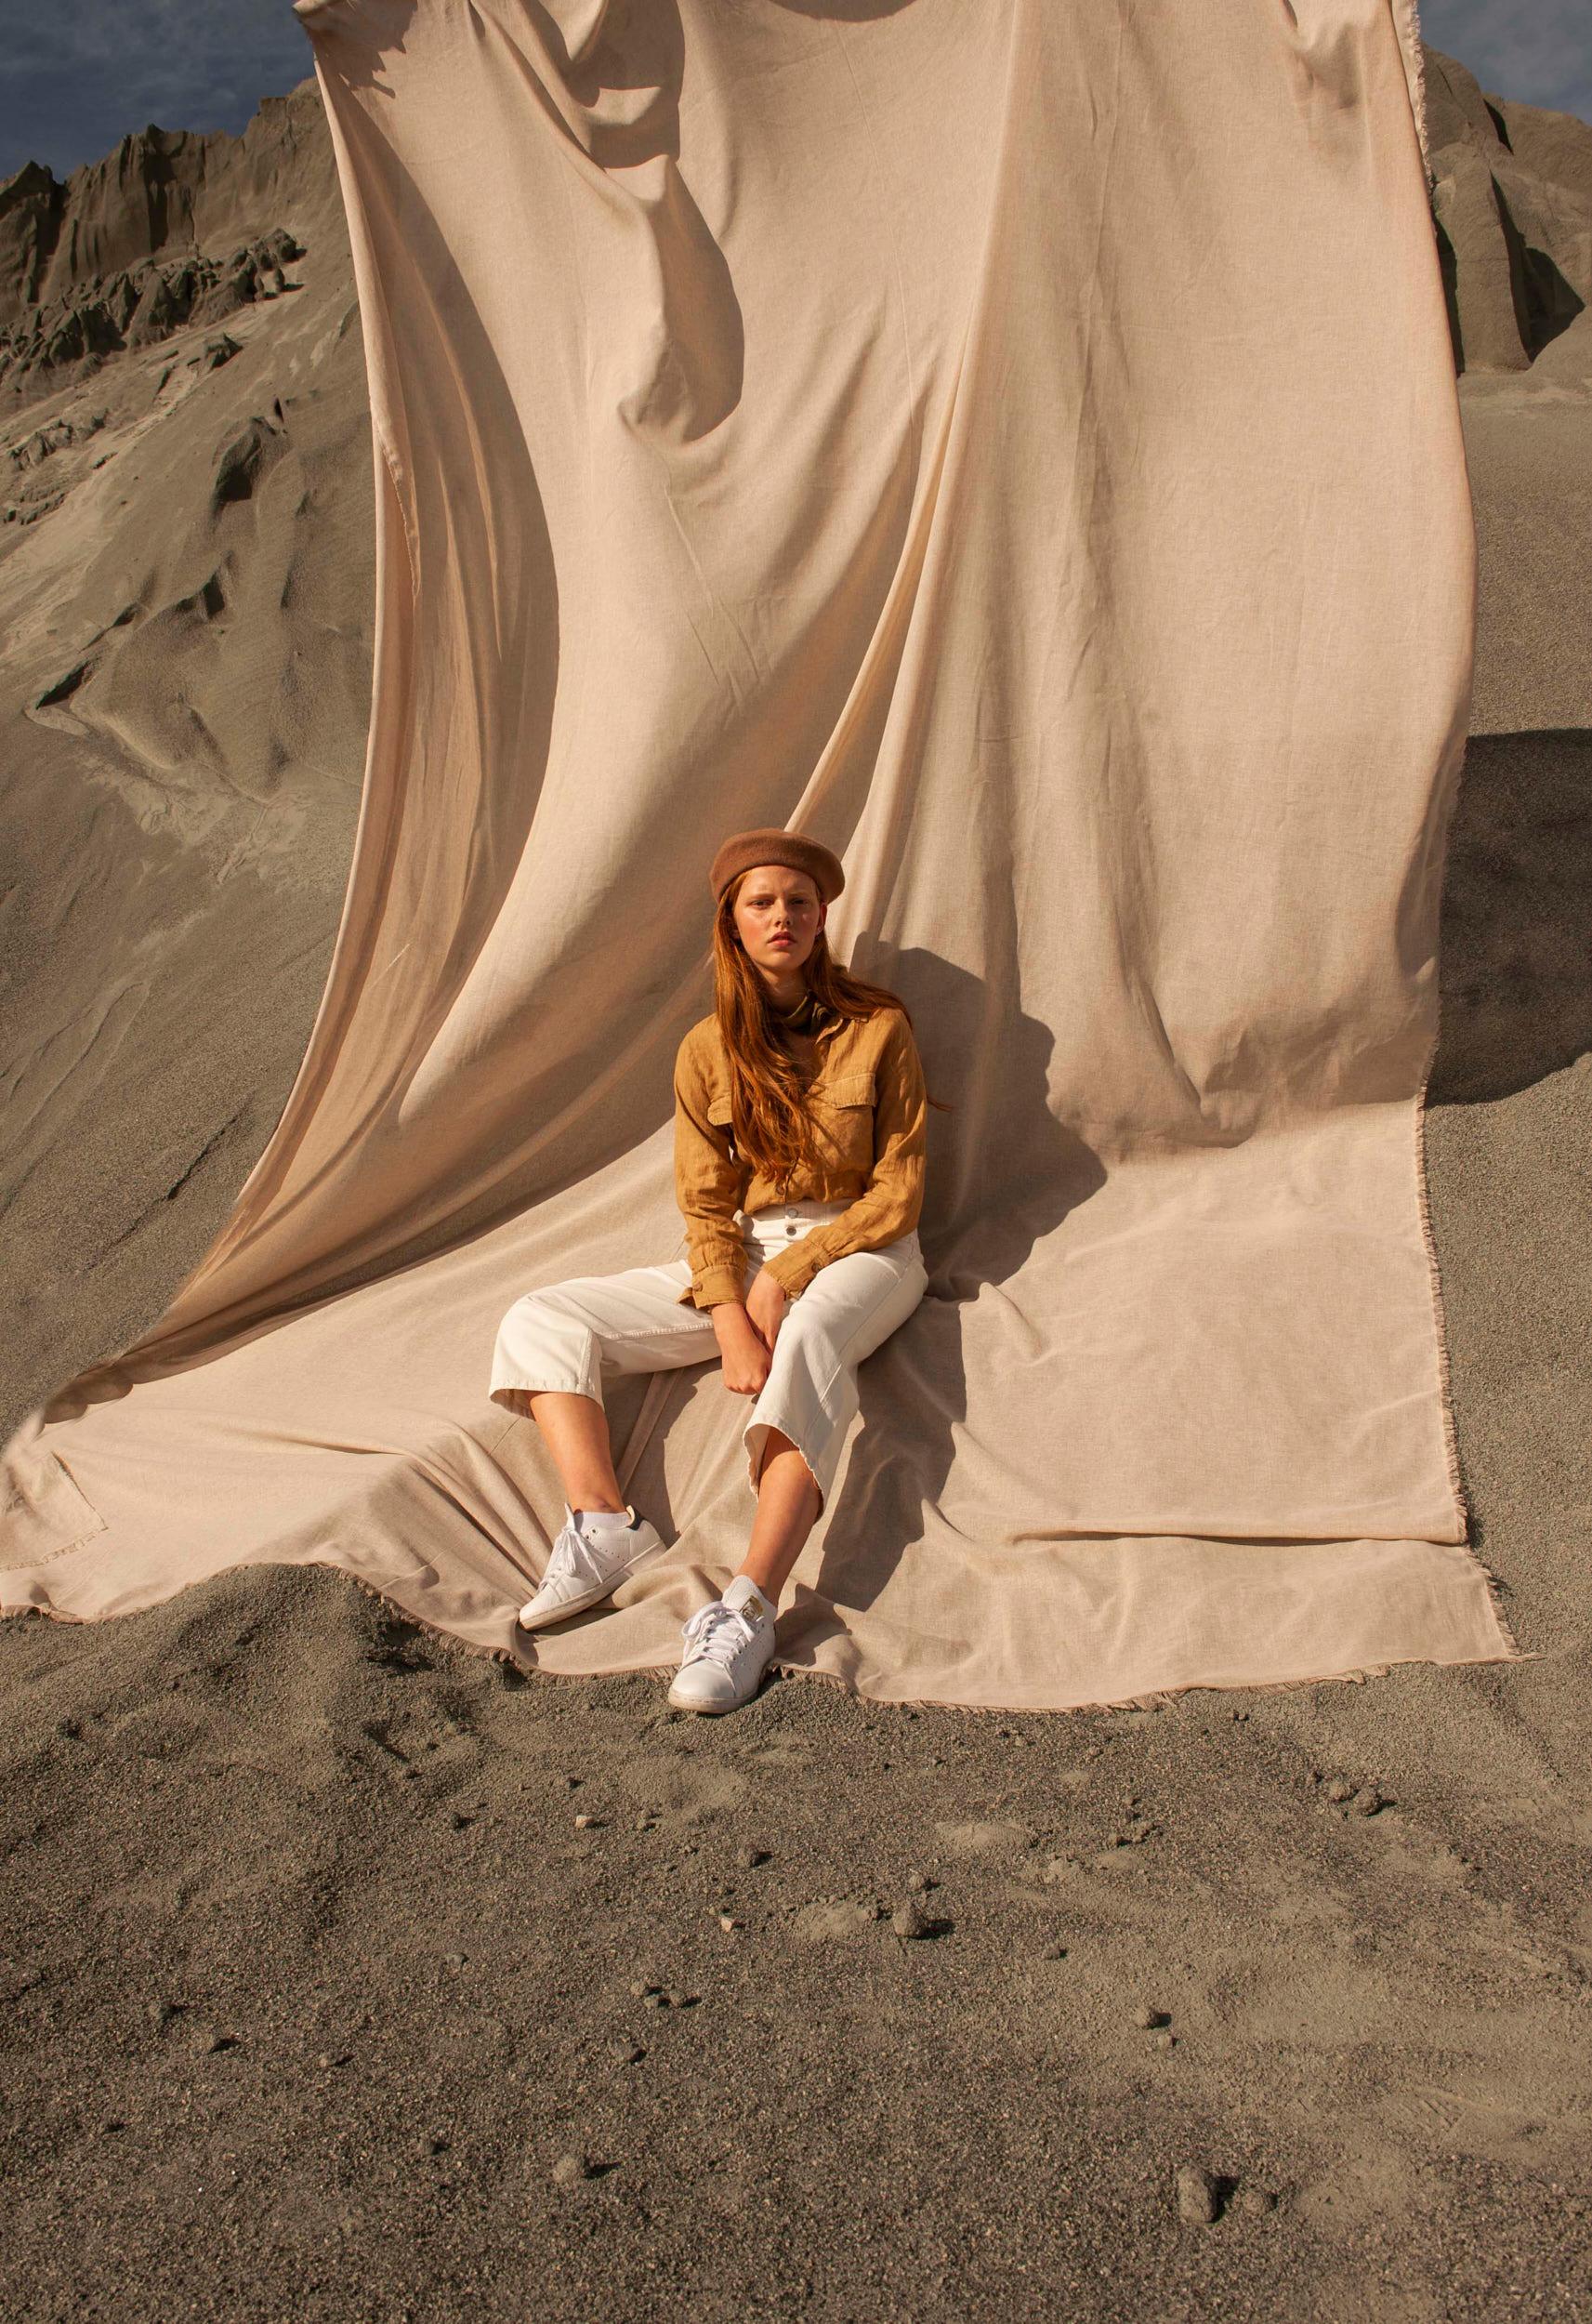 Shirt - Isabelle Marant, Pants - Levi's, Shoes - Adidas, Béret - Le Béret Français